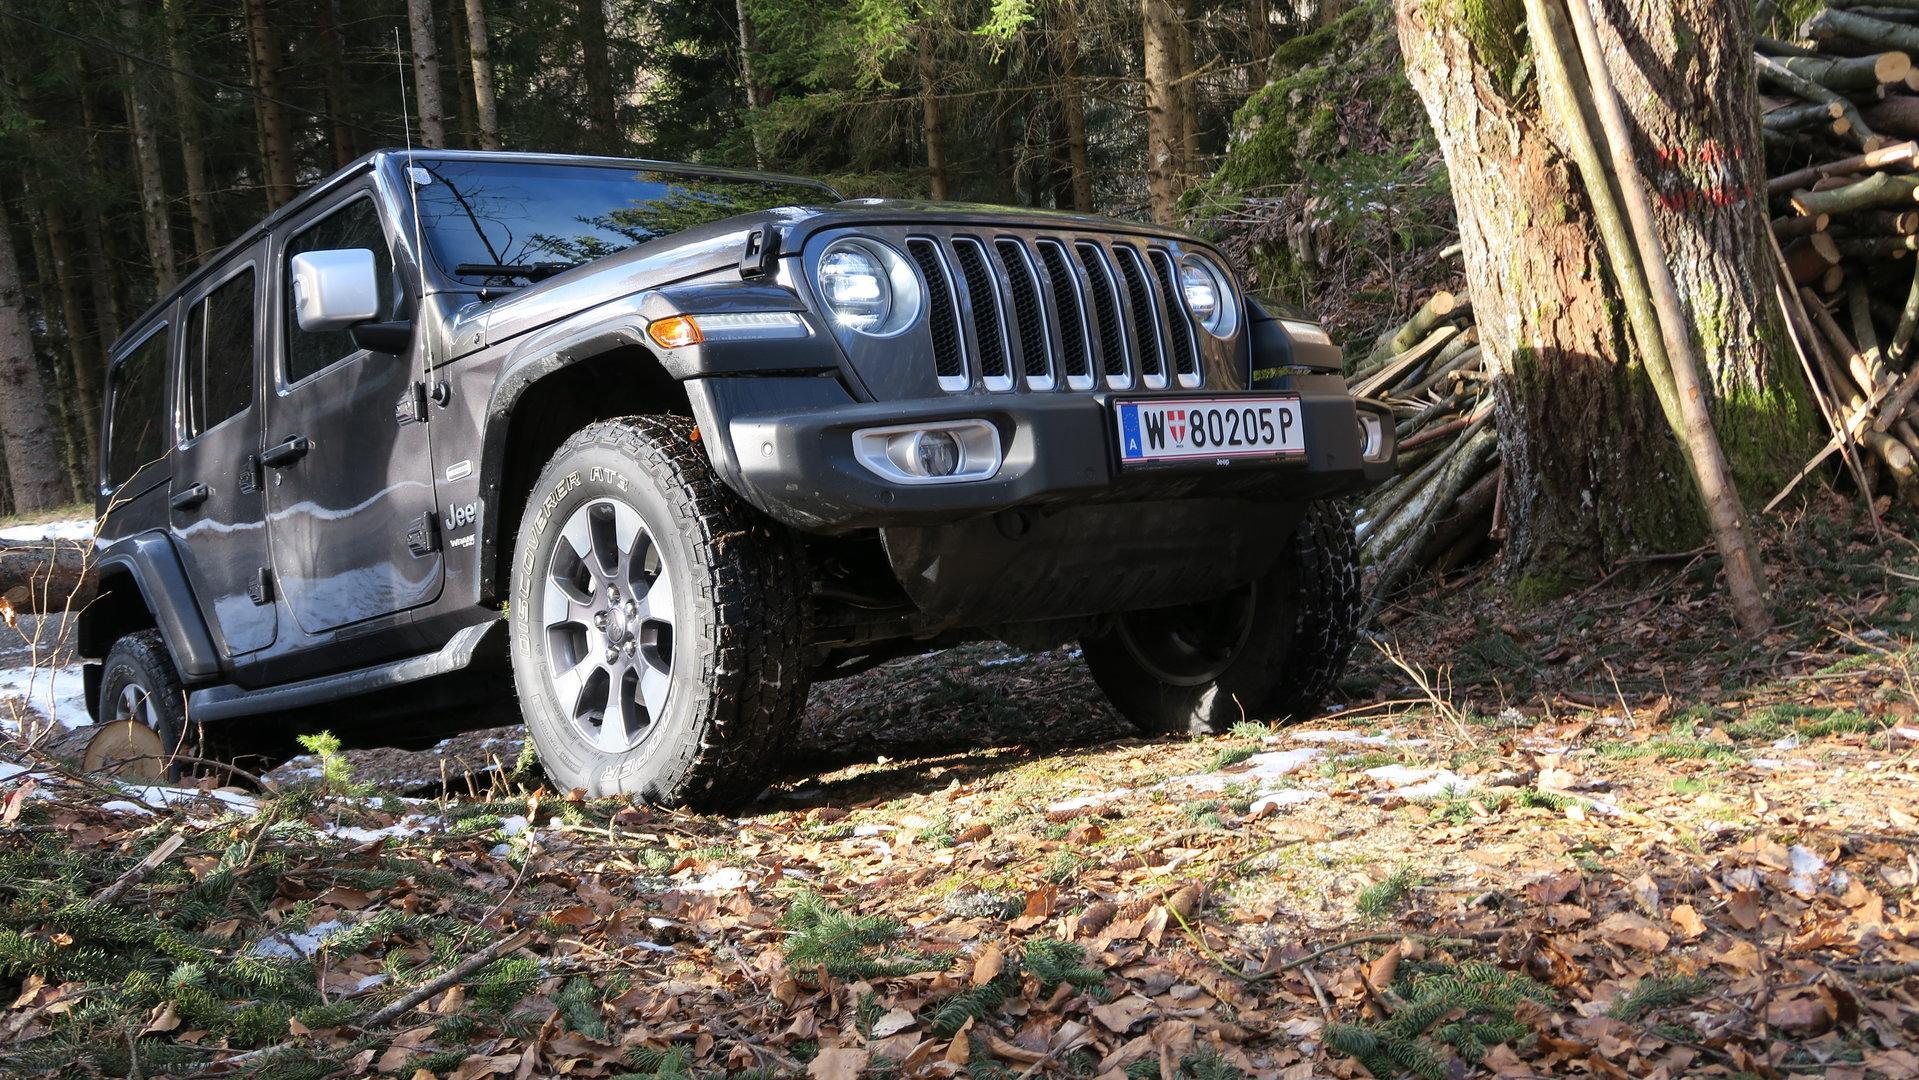 Jeep Wrangler Unlimited im Test: Moderner Geländewagen im besten Sinn